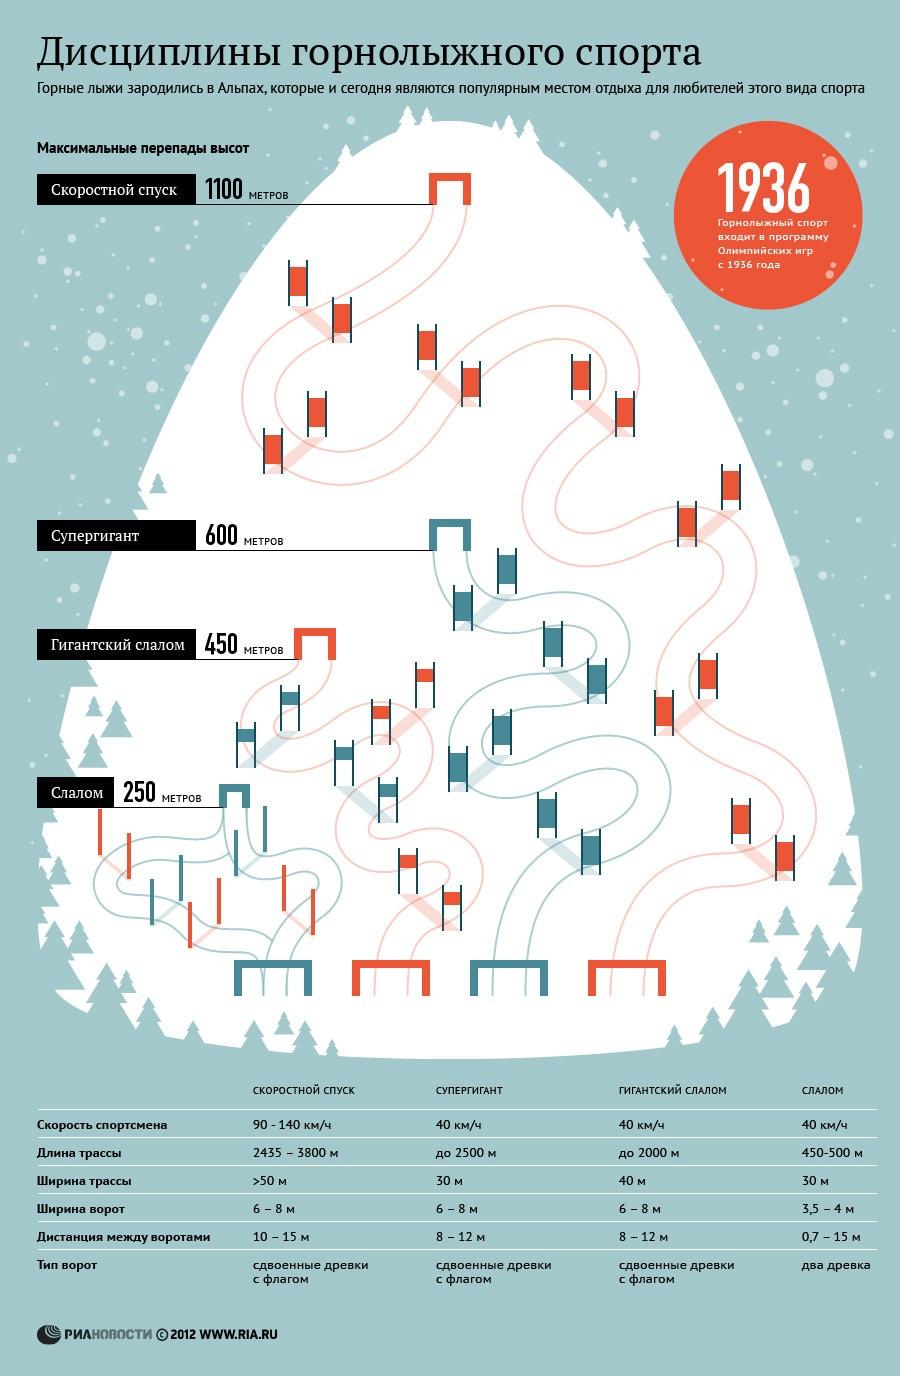 Дисциплины горнолыжного спорта